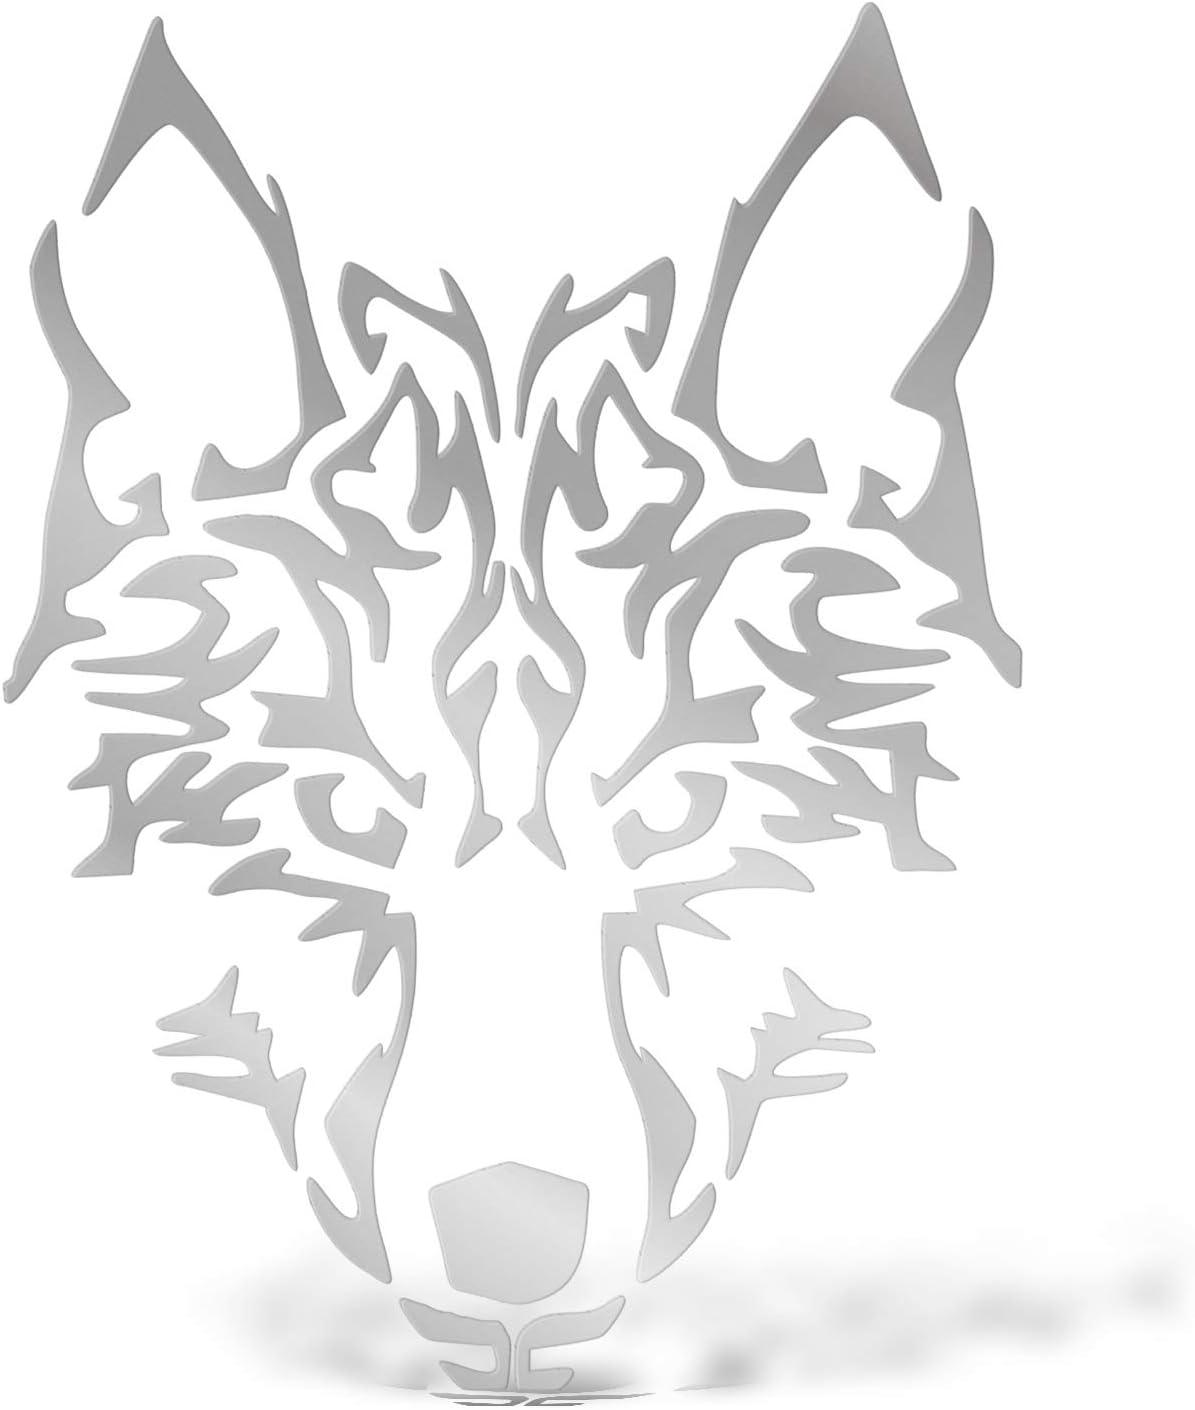 Erreinge Aufkleber Wolf Silber Schriftzug In Pvc Wandwand Aufkleber Für Helm Auto Moto Camper Laptop 12 Cm Baumarkt